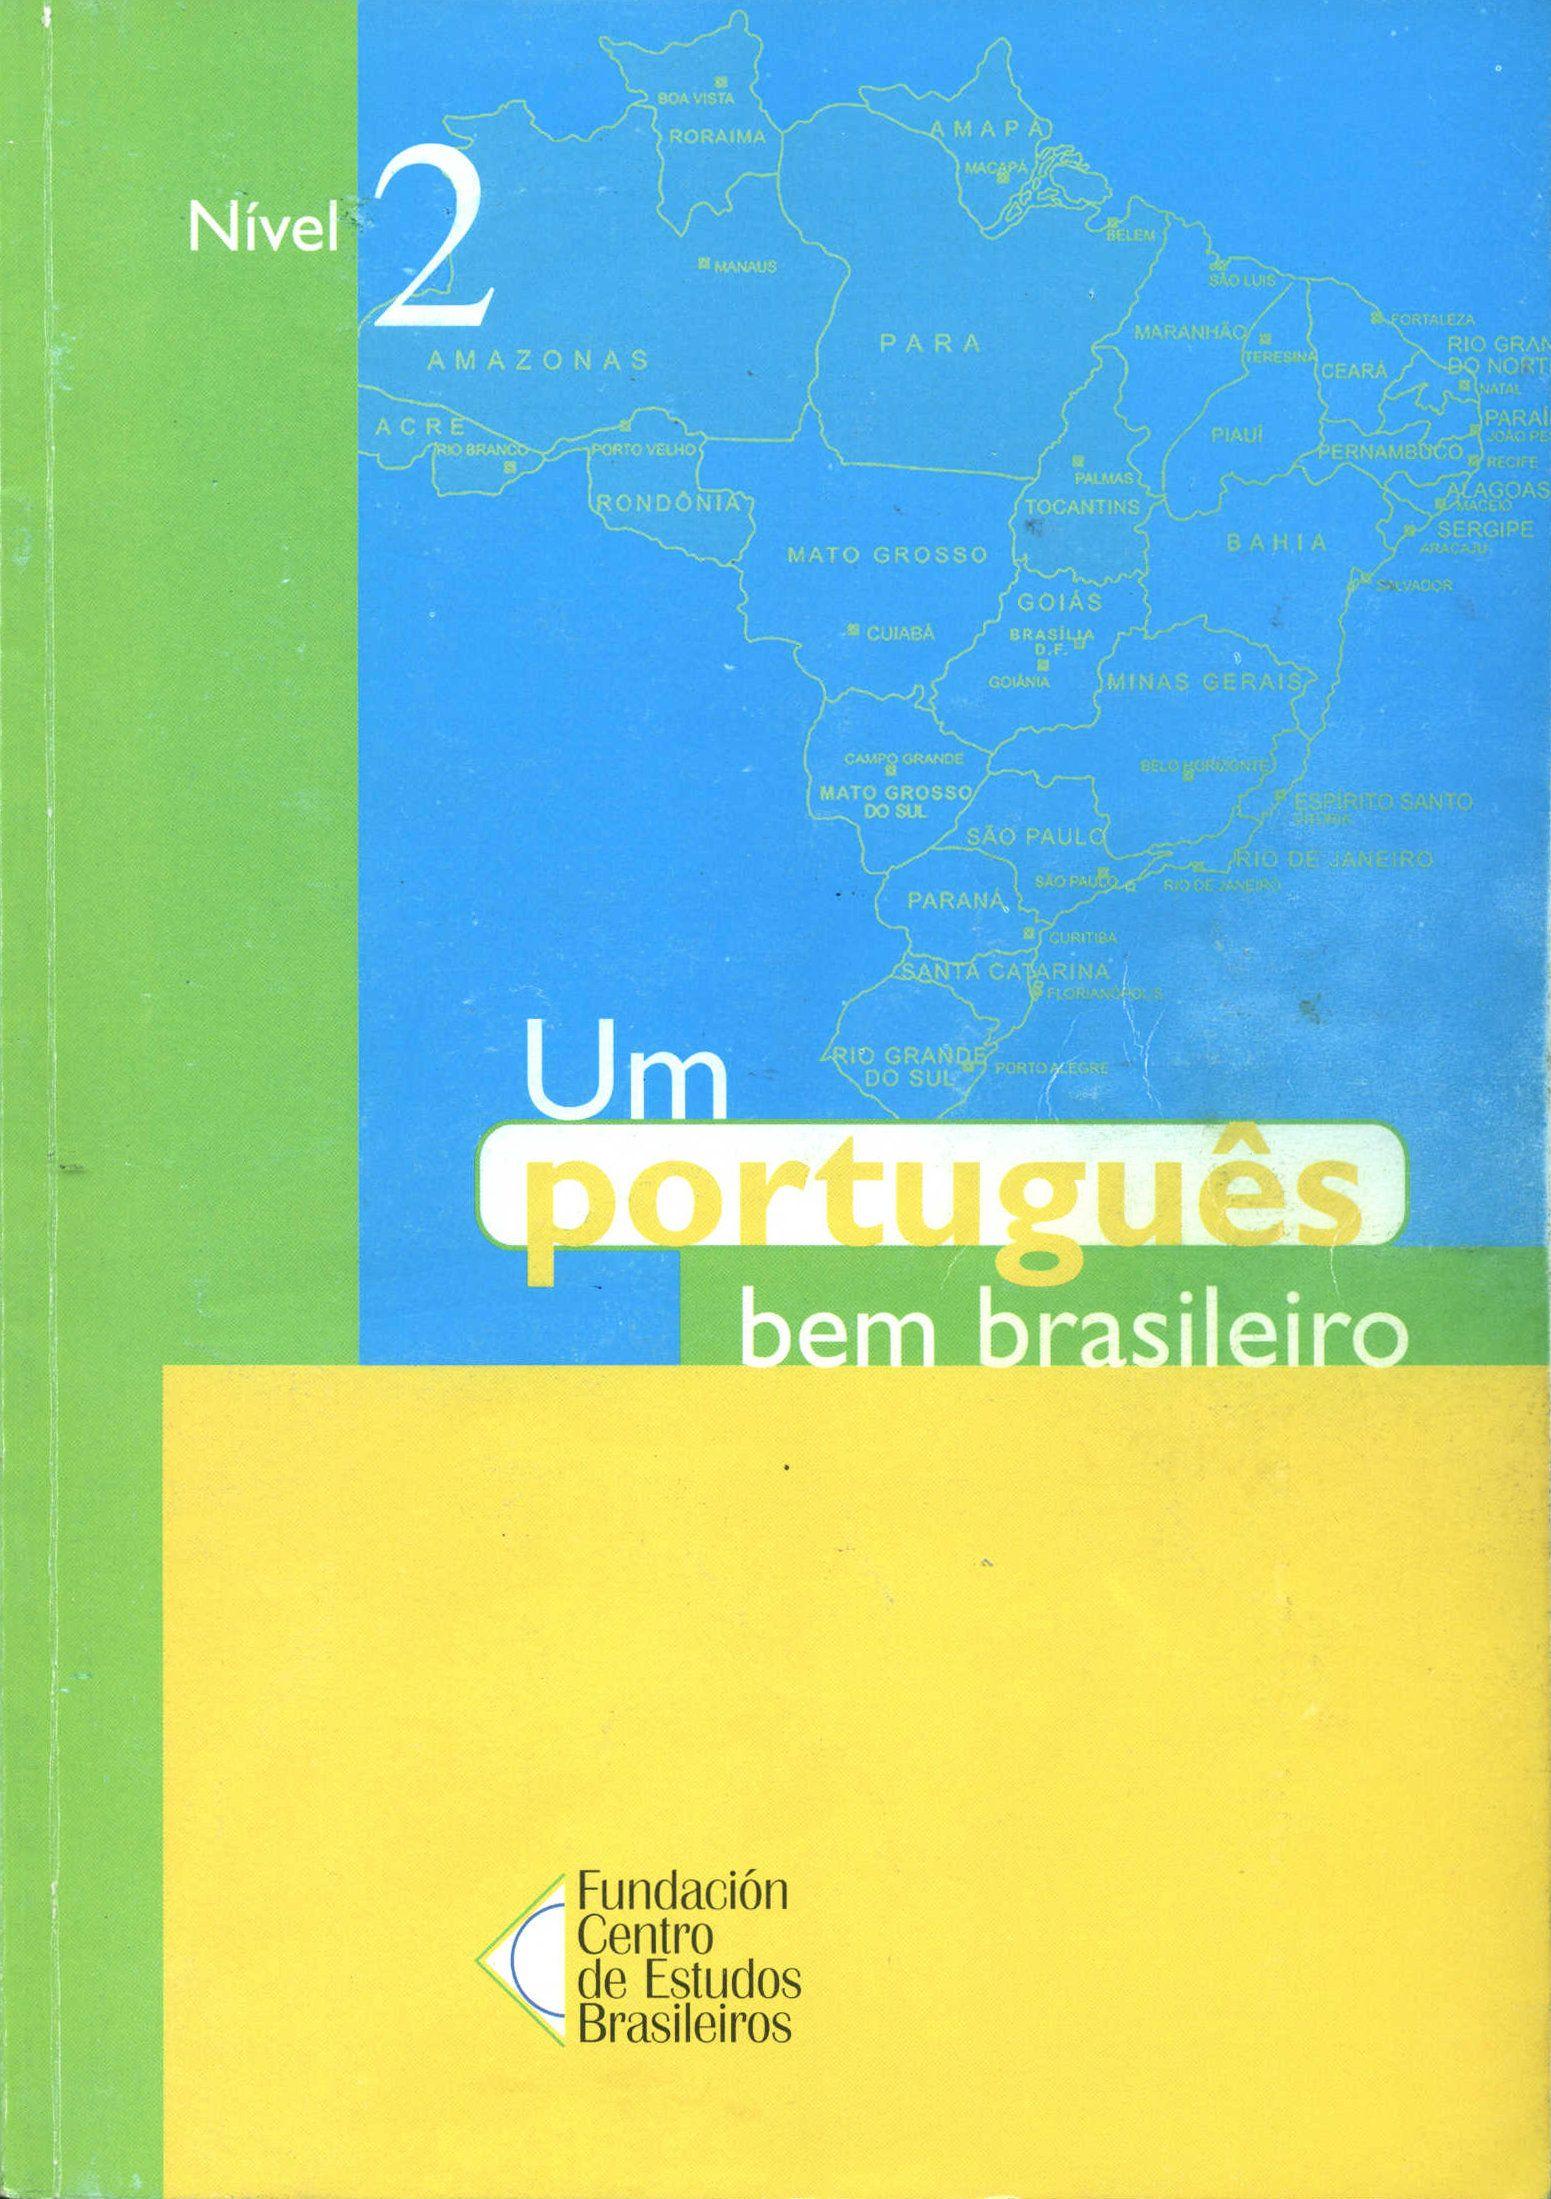 Um portugues bem brasileiro - Nivel 2